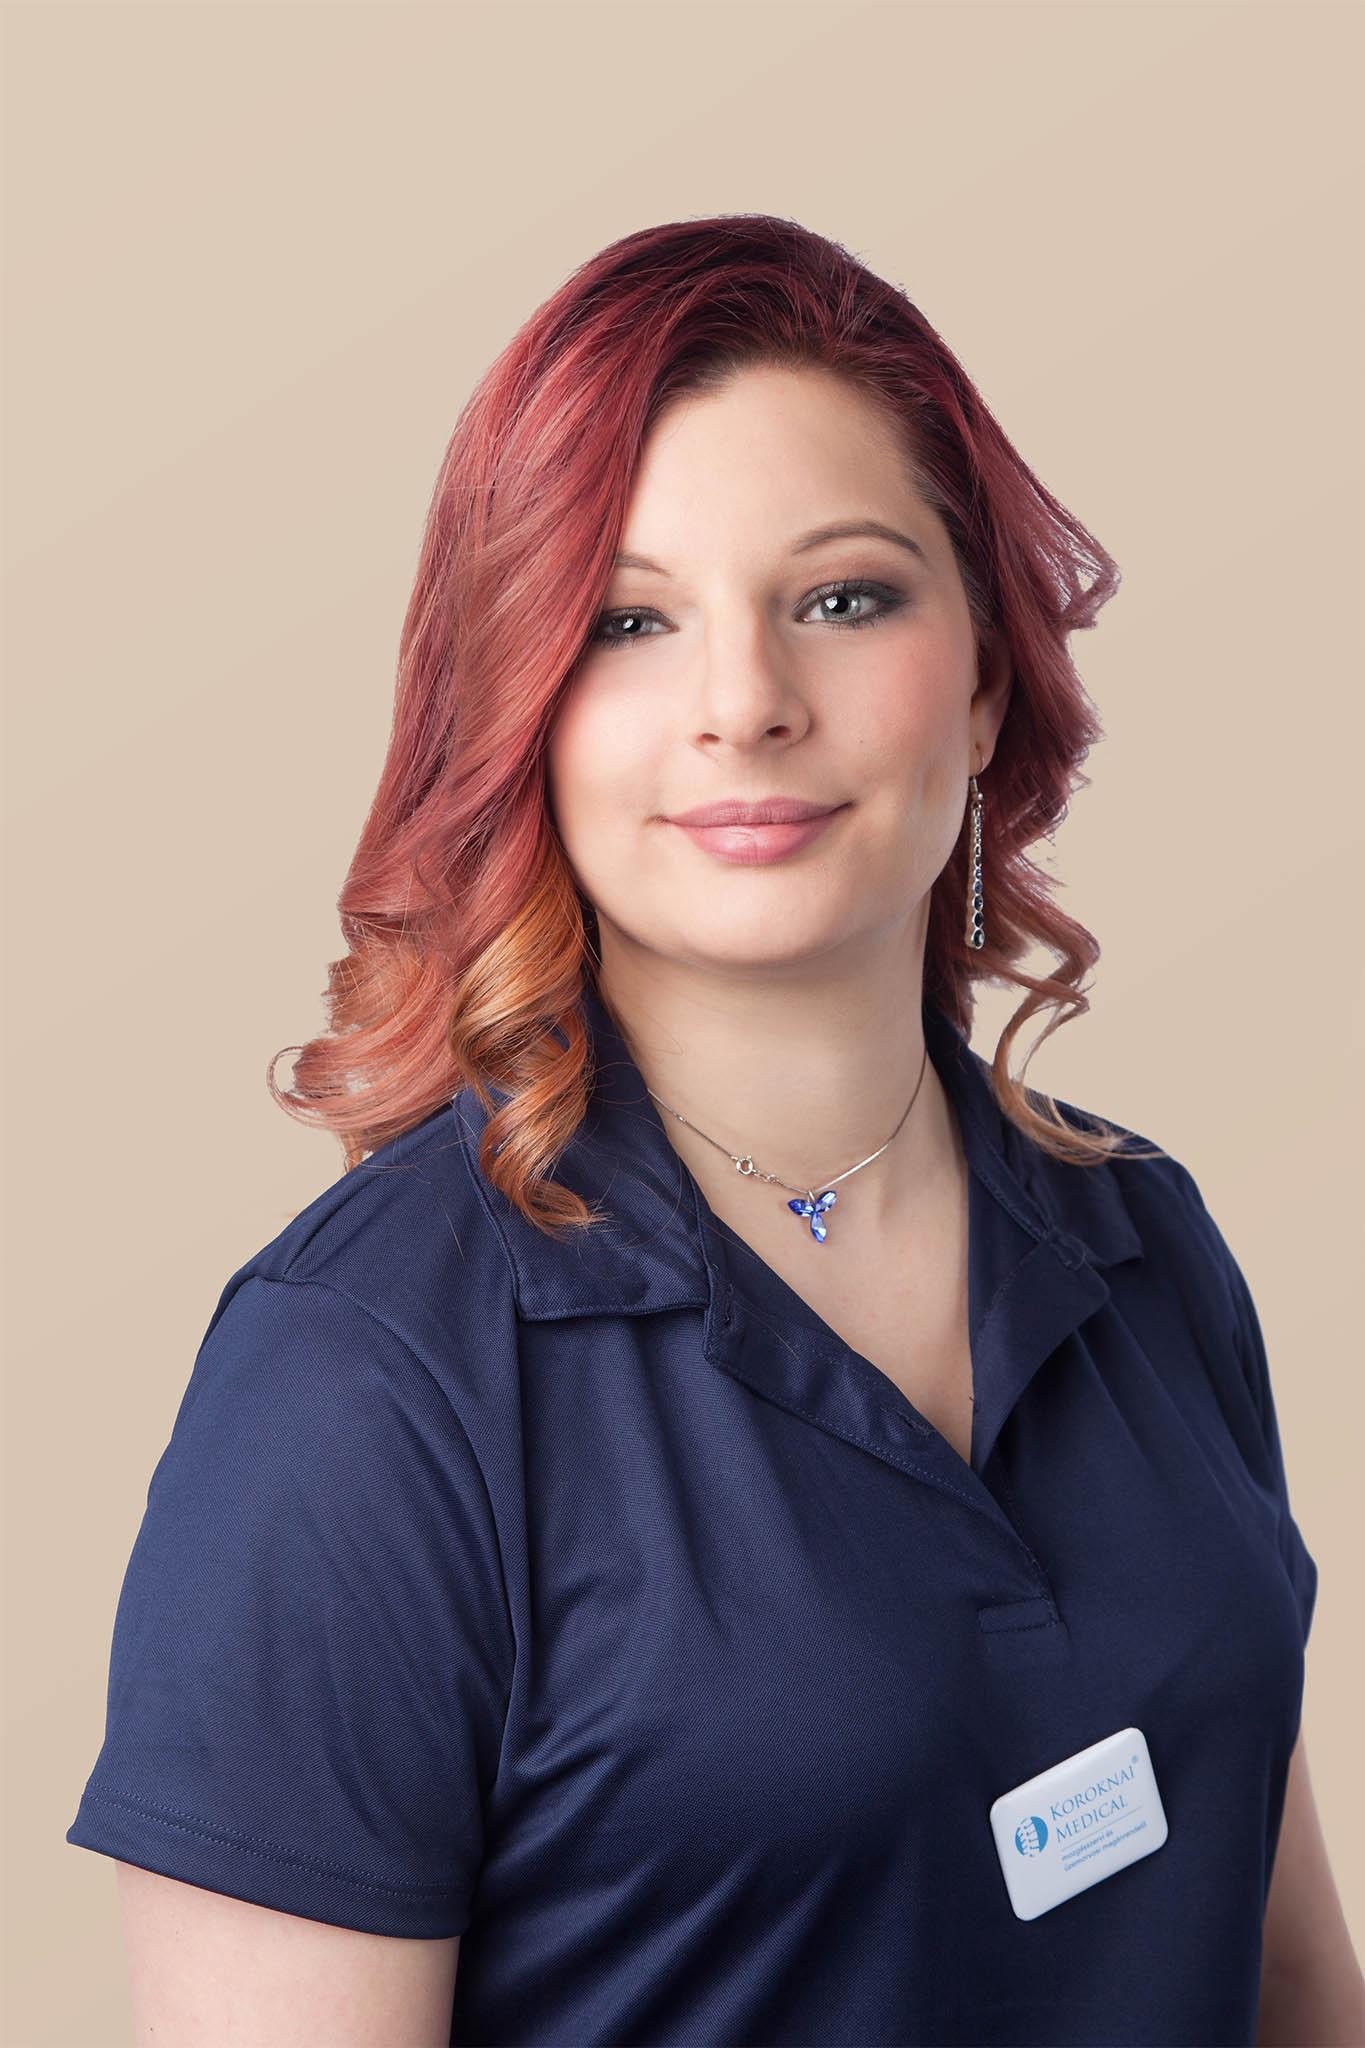 Horváth Alexandra Viktória